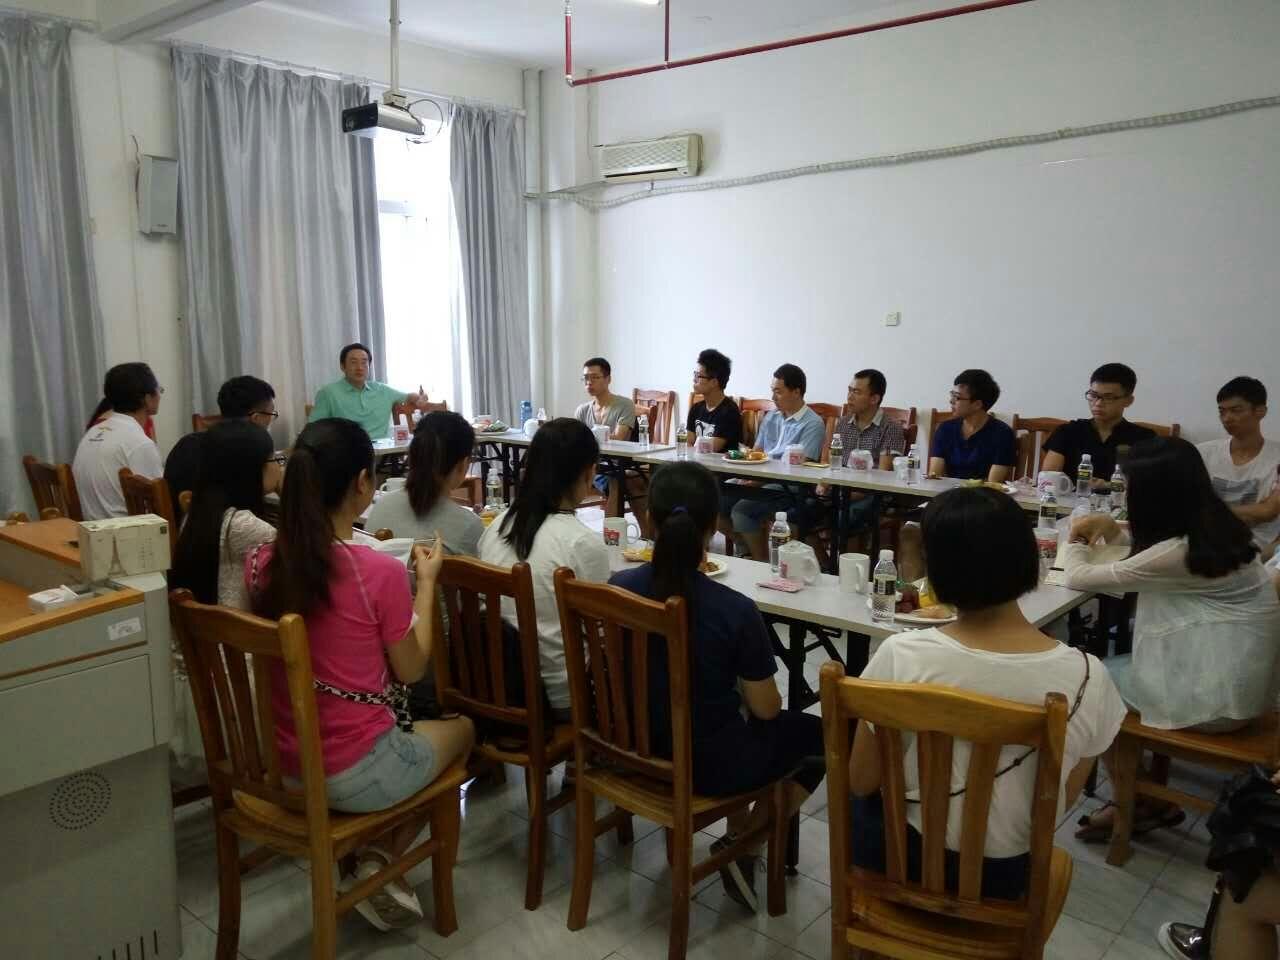 海南师范大学第四期研究生学术沙龙顺利举行